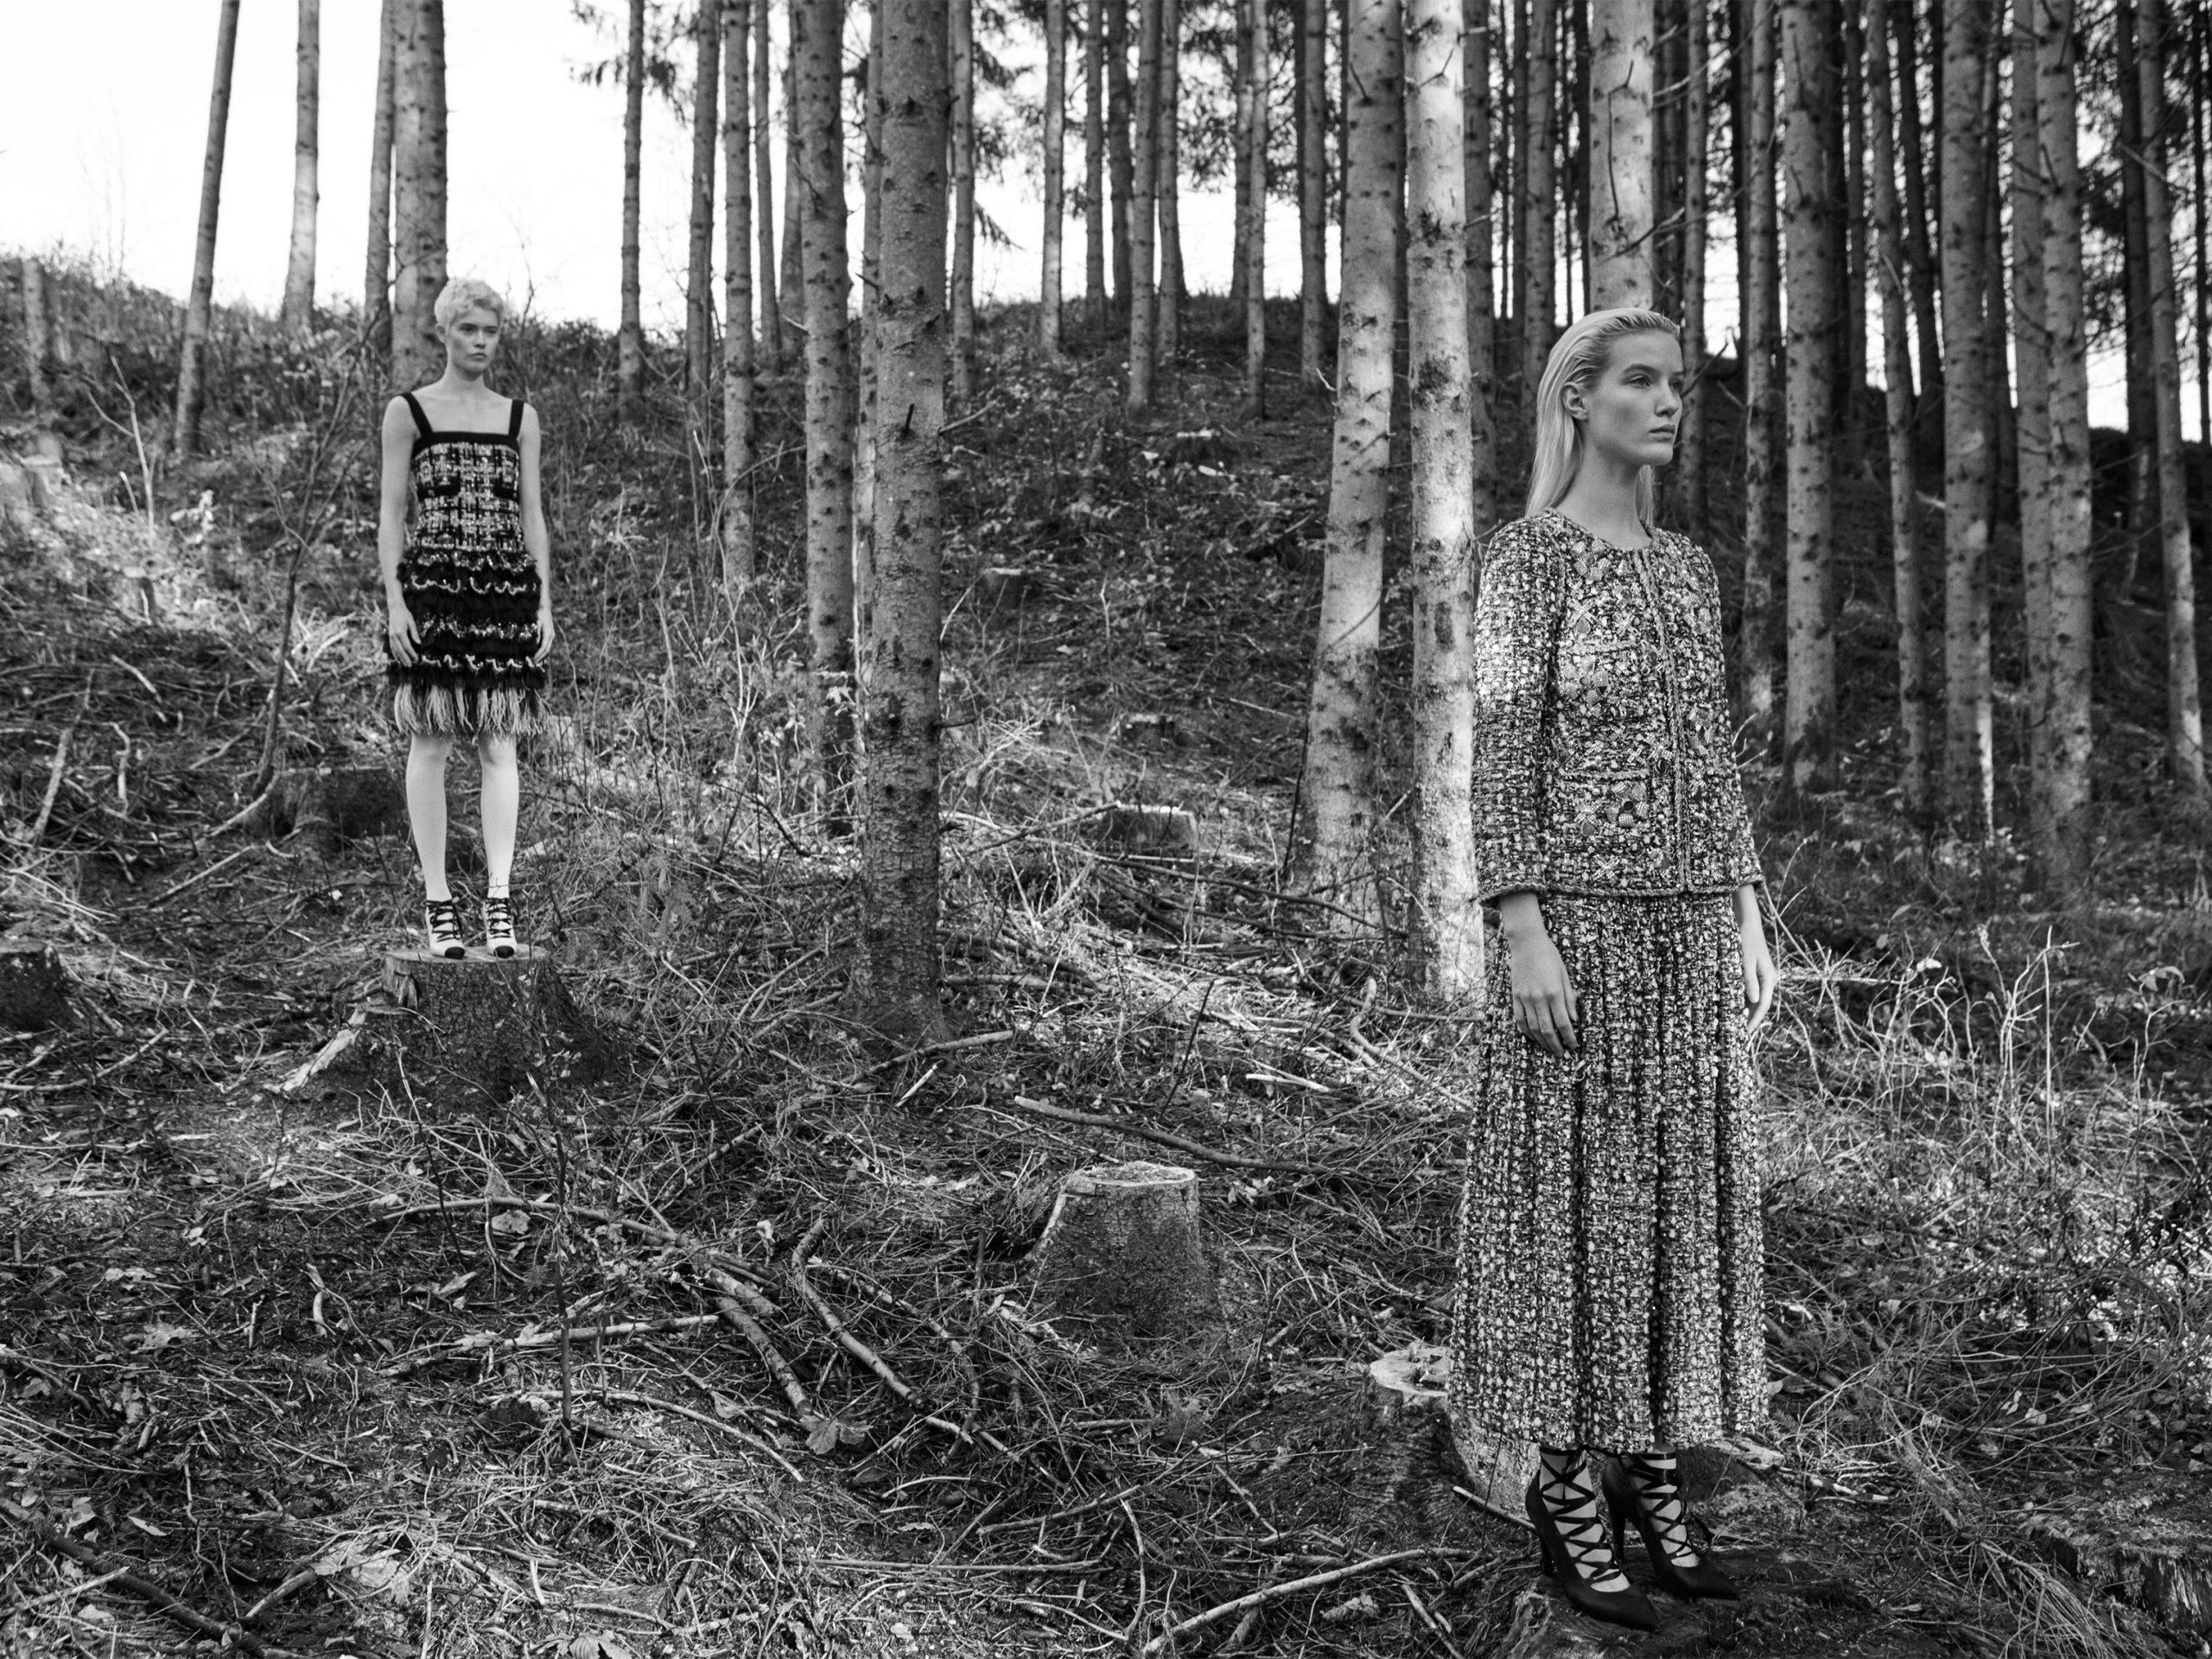 Zwischen Bäumen Chanel Haute Couture Schneewittchen im Schwarzwald